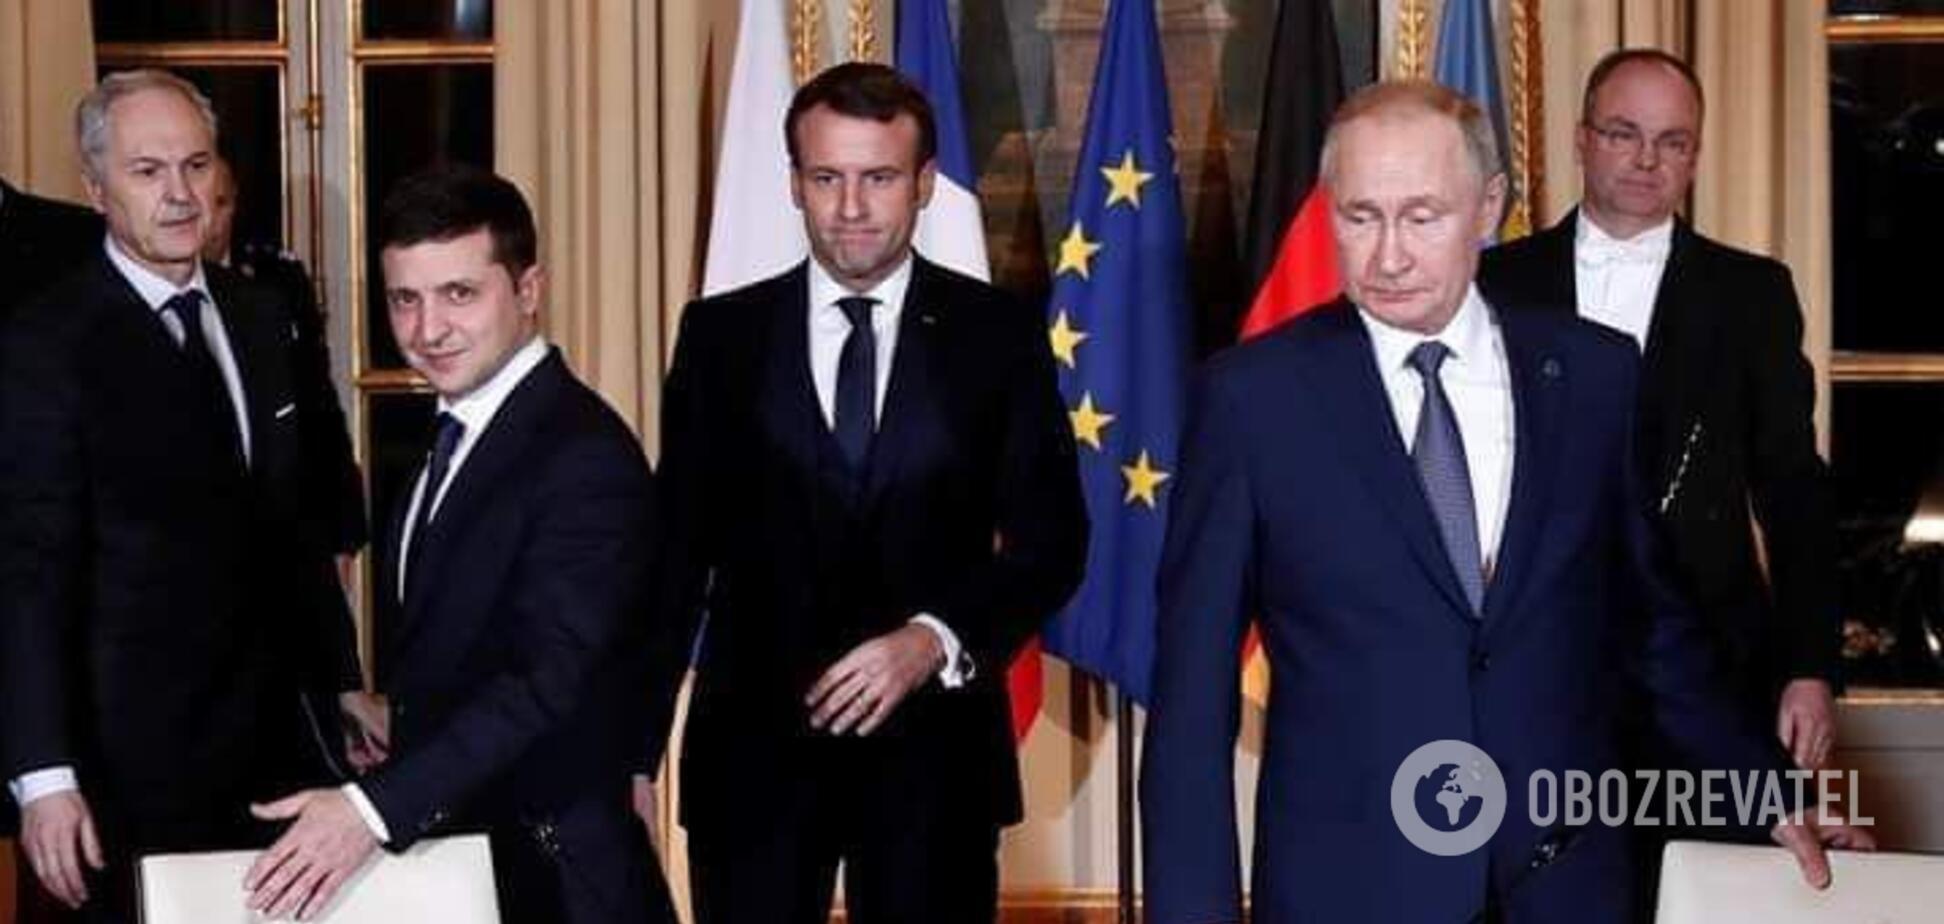 Зеленський і Путін домовилися про обмін полоненими до Нового року: що відомо